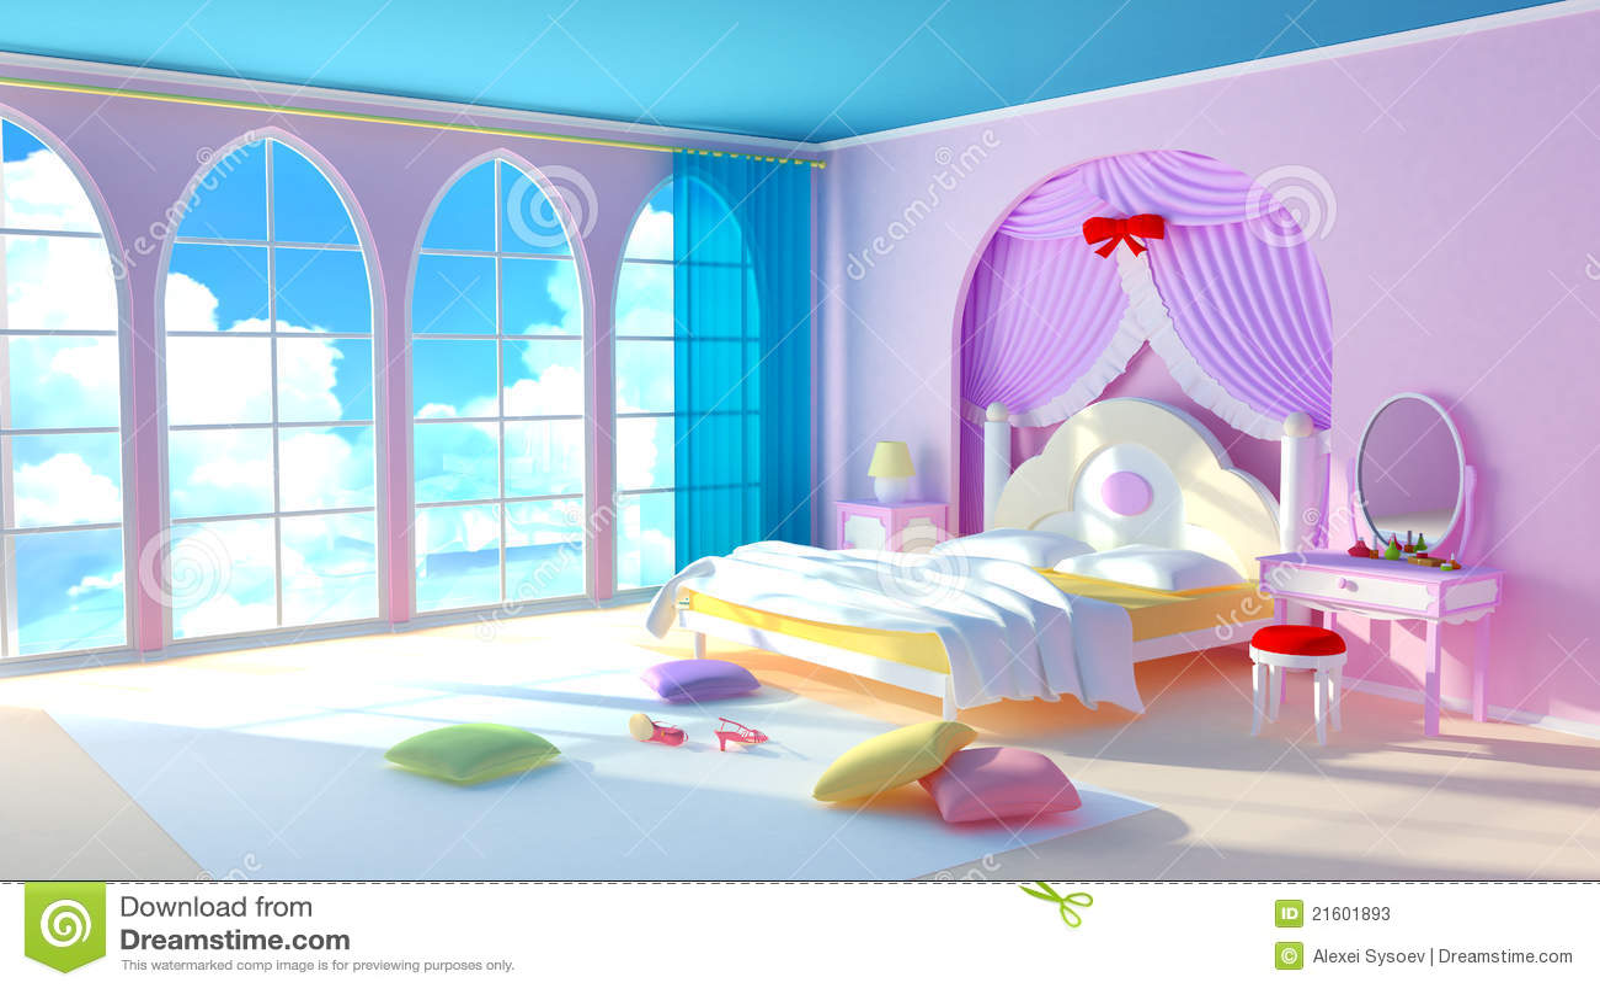 Bedroom Design For Man